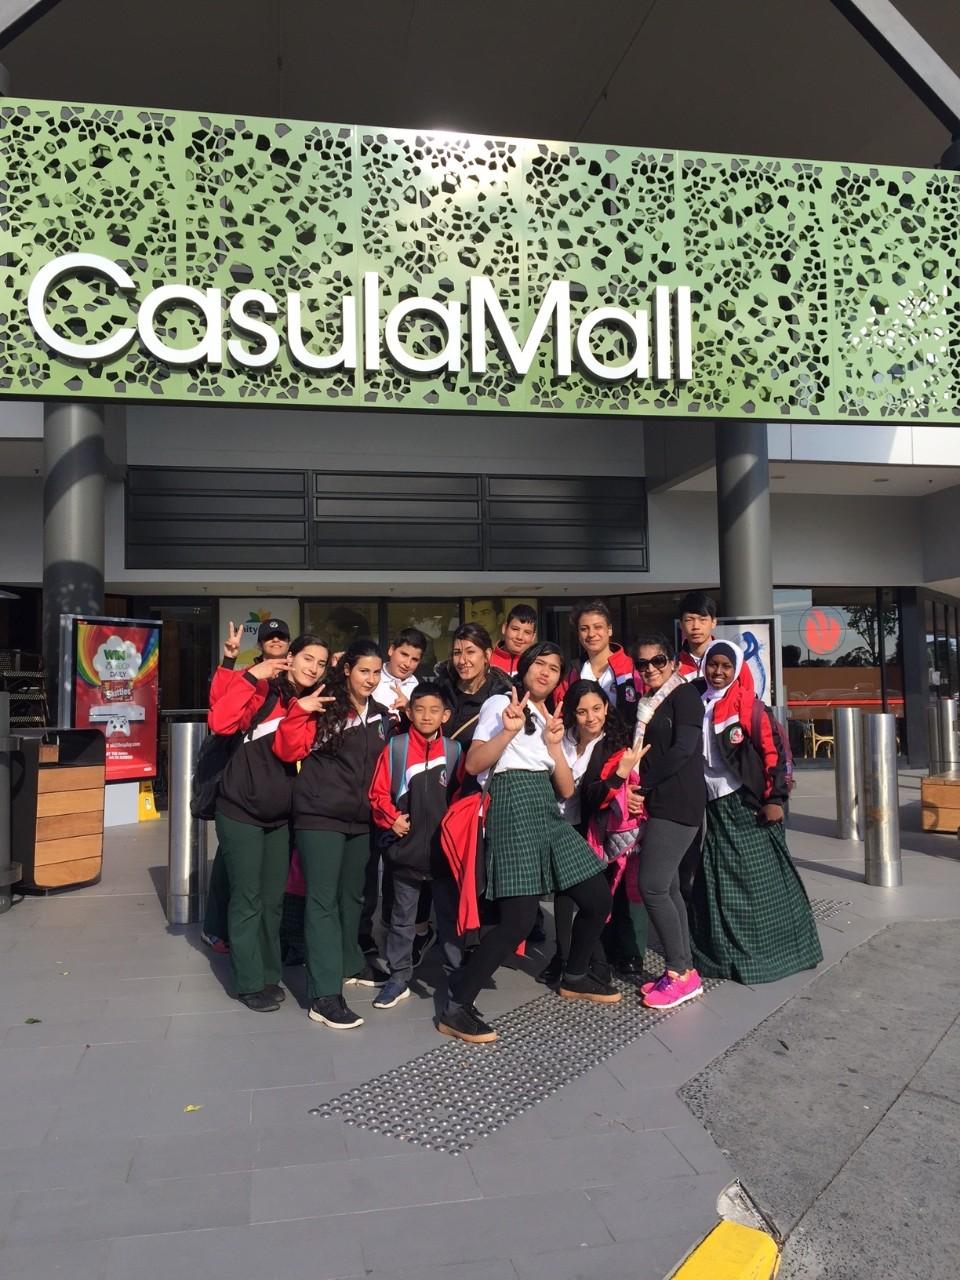 Casula shopping centre